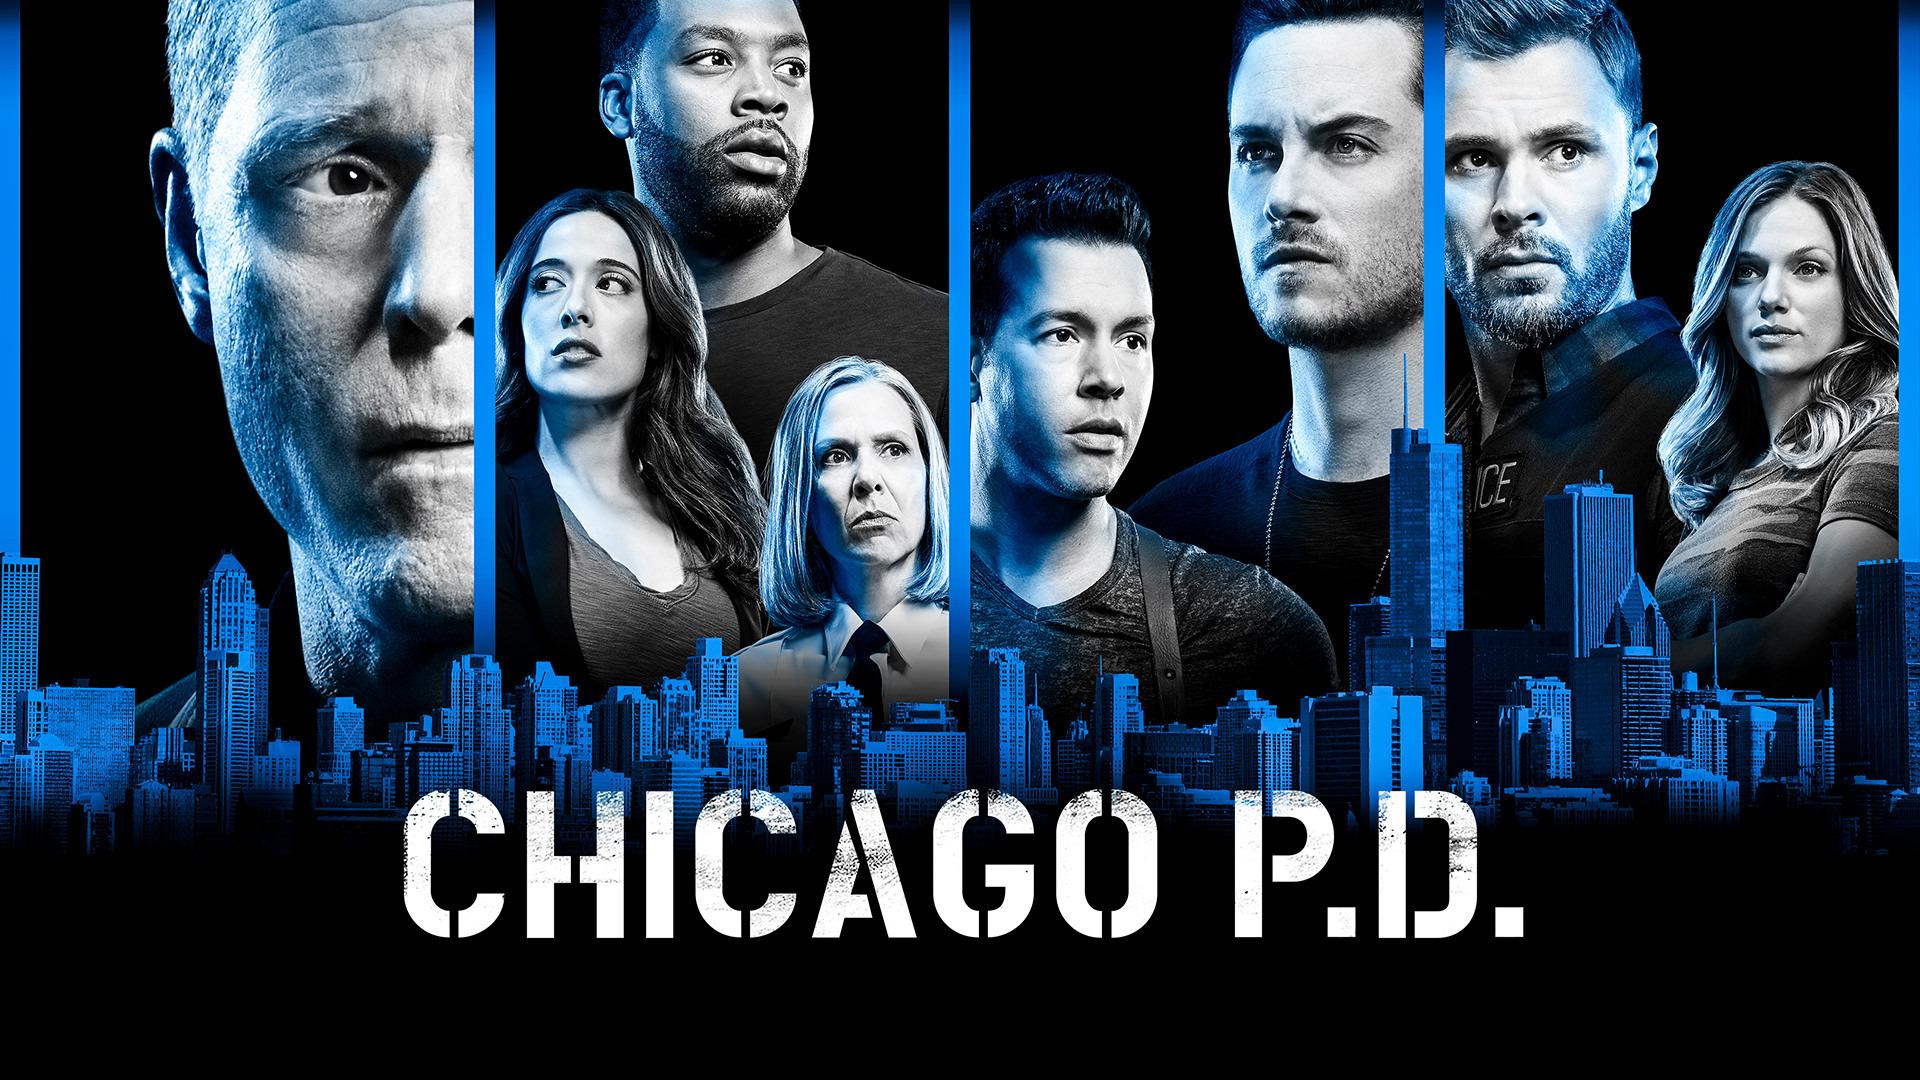 Show Chicago P.D.